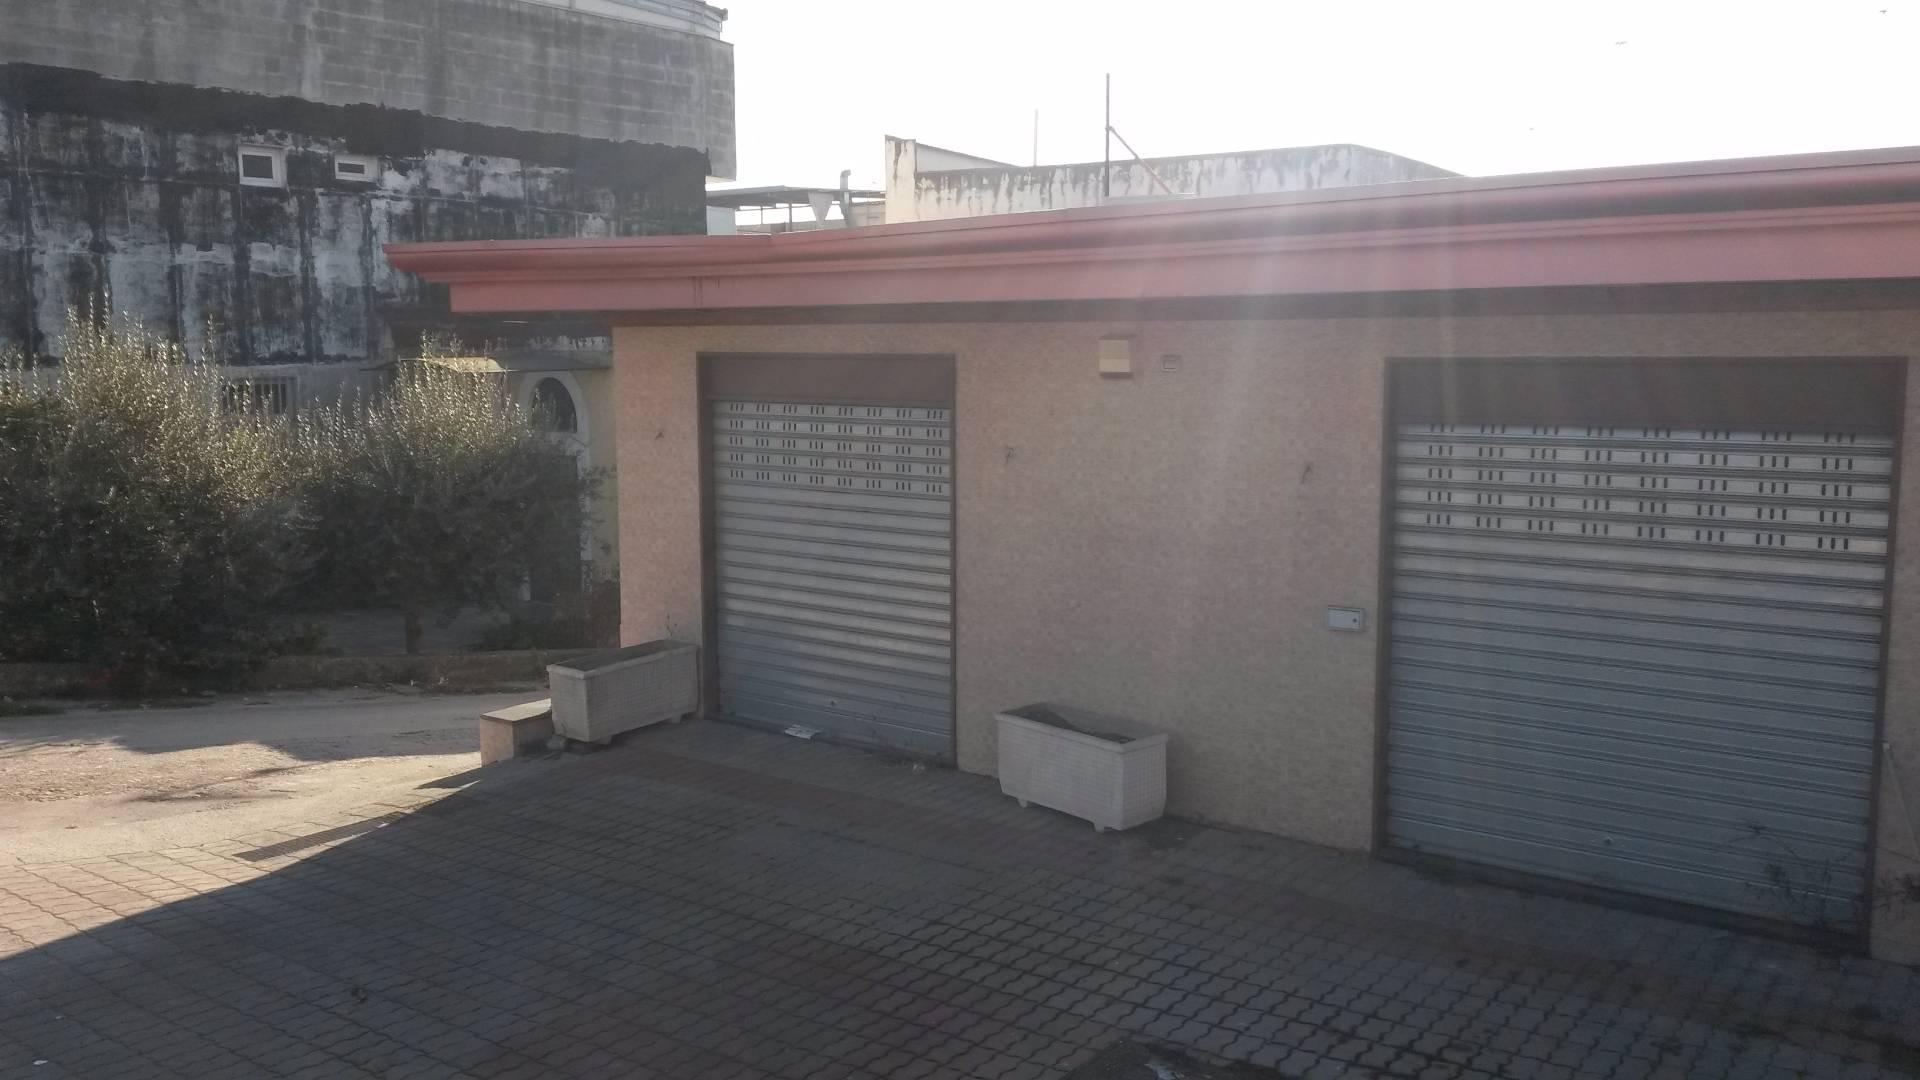 Negozio / Locale in affitto a Ottaviano, 9999 locali, prezzo € 1.000 | Cambio Casa.it